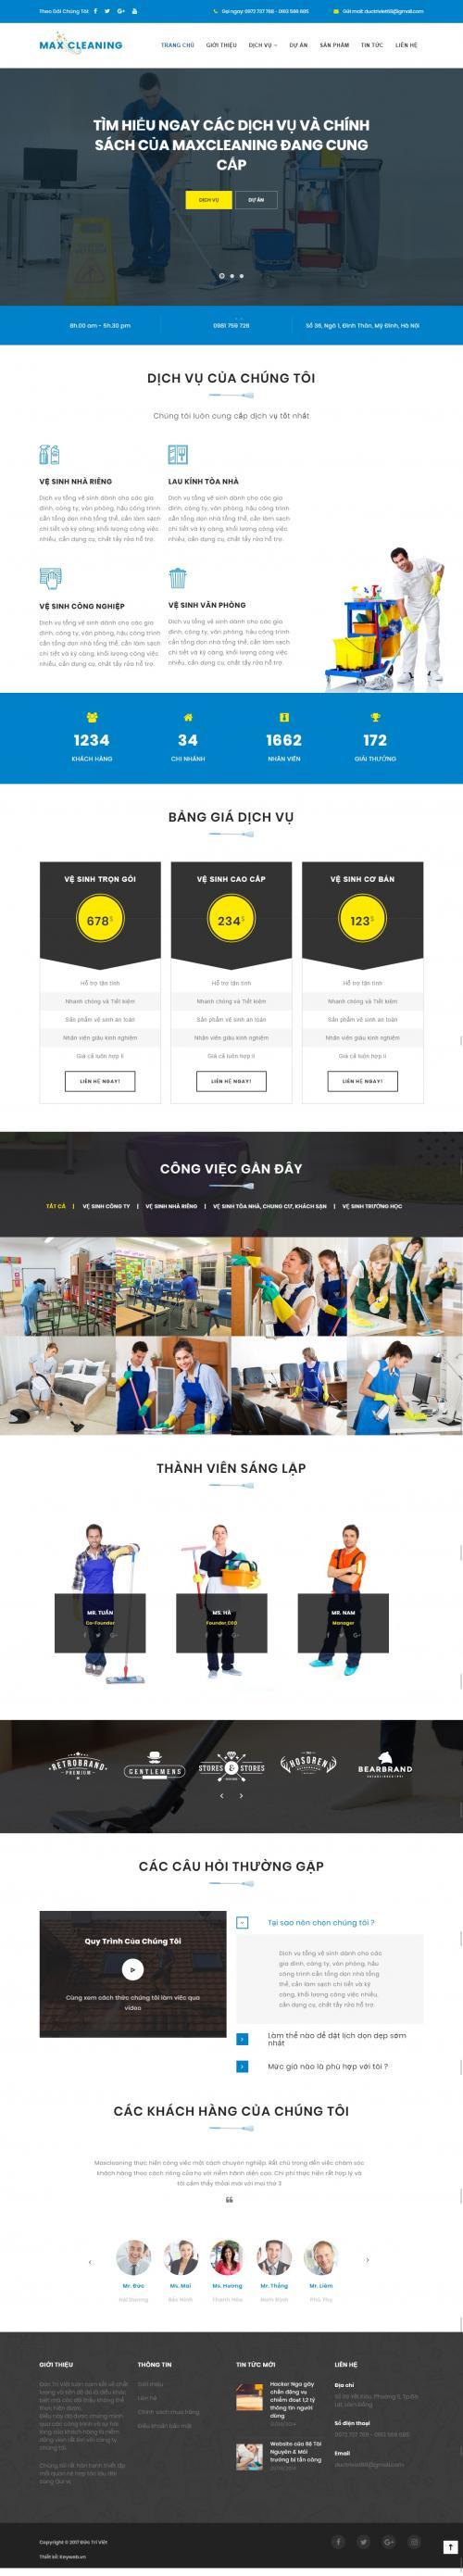 Thiết kế website dịch vụ giúp việc1